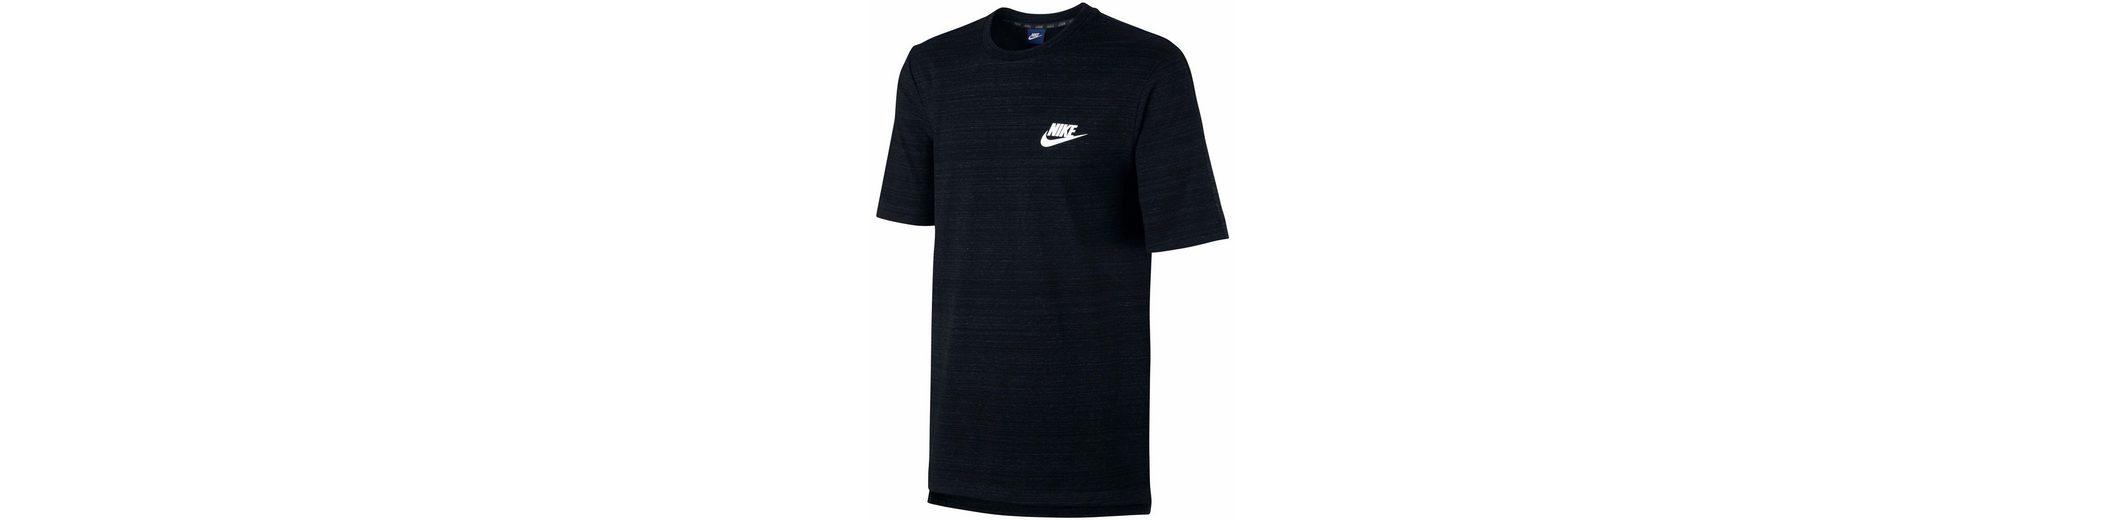 Wirklich Online-Verkauf Freies Verschiffen Bilder Nike Sportswear Rundhalsshirt MEN NSW AV15 TOP SS 1mFeBzg9